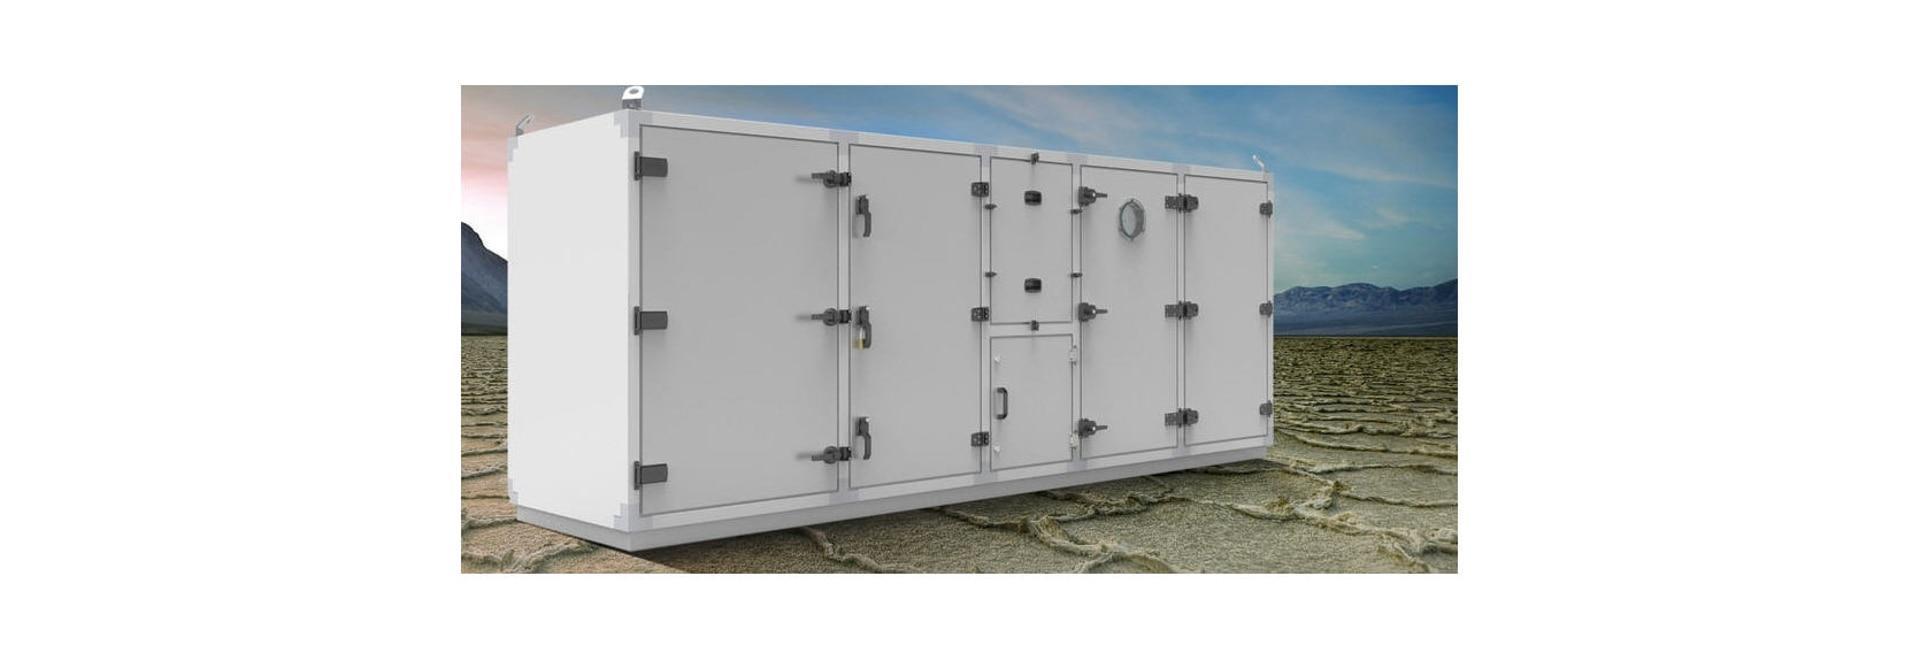 Soluzione di EMKA per il settore di HVAC